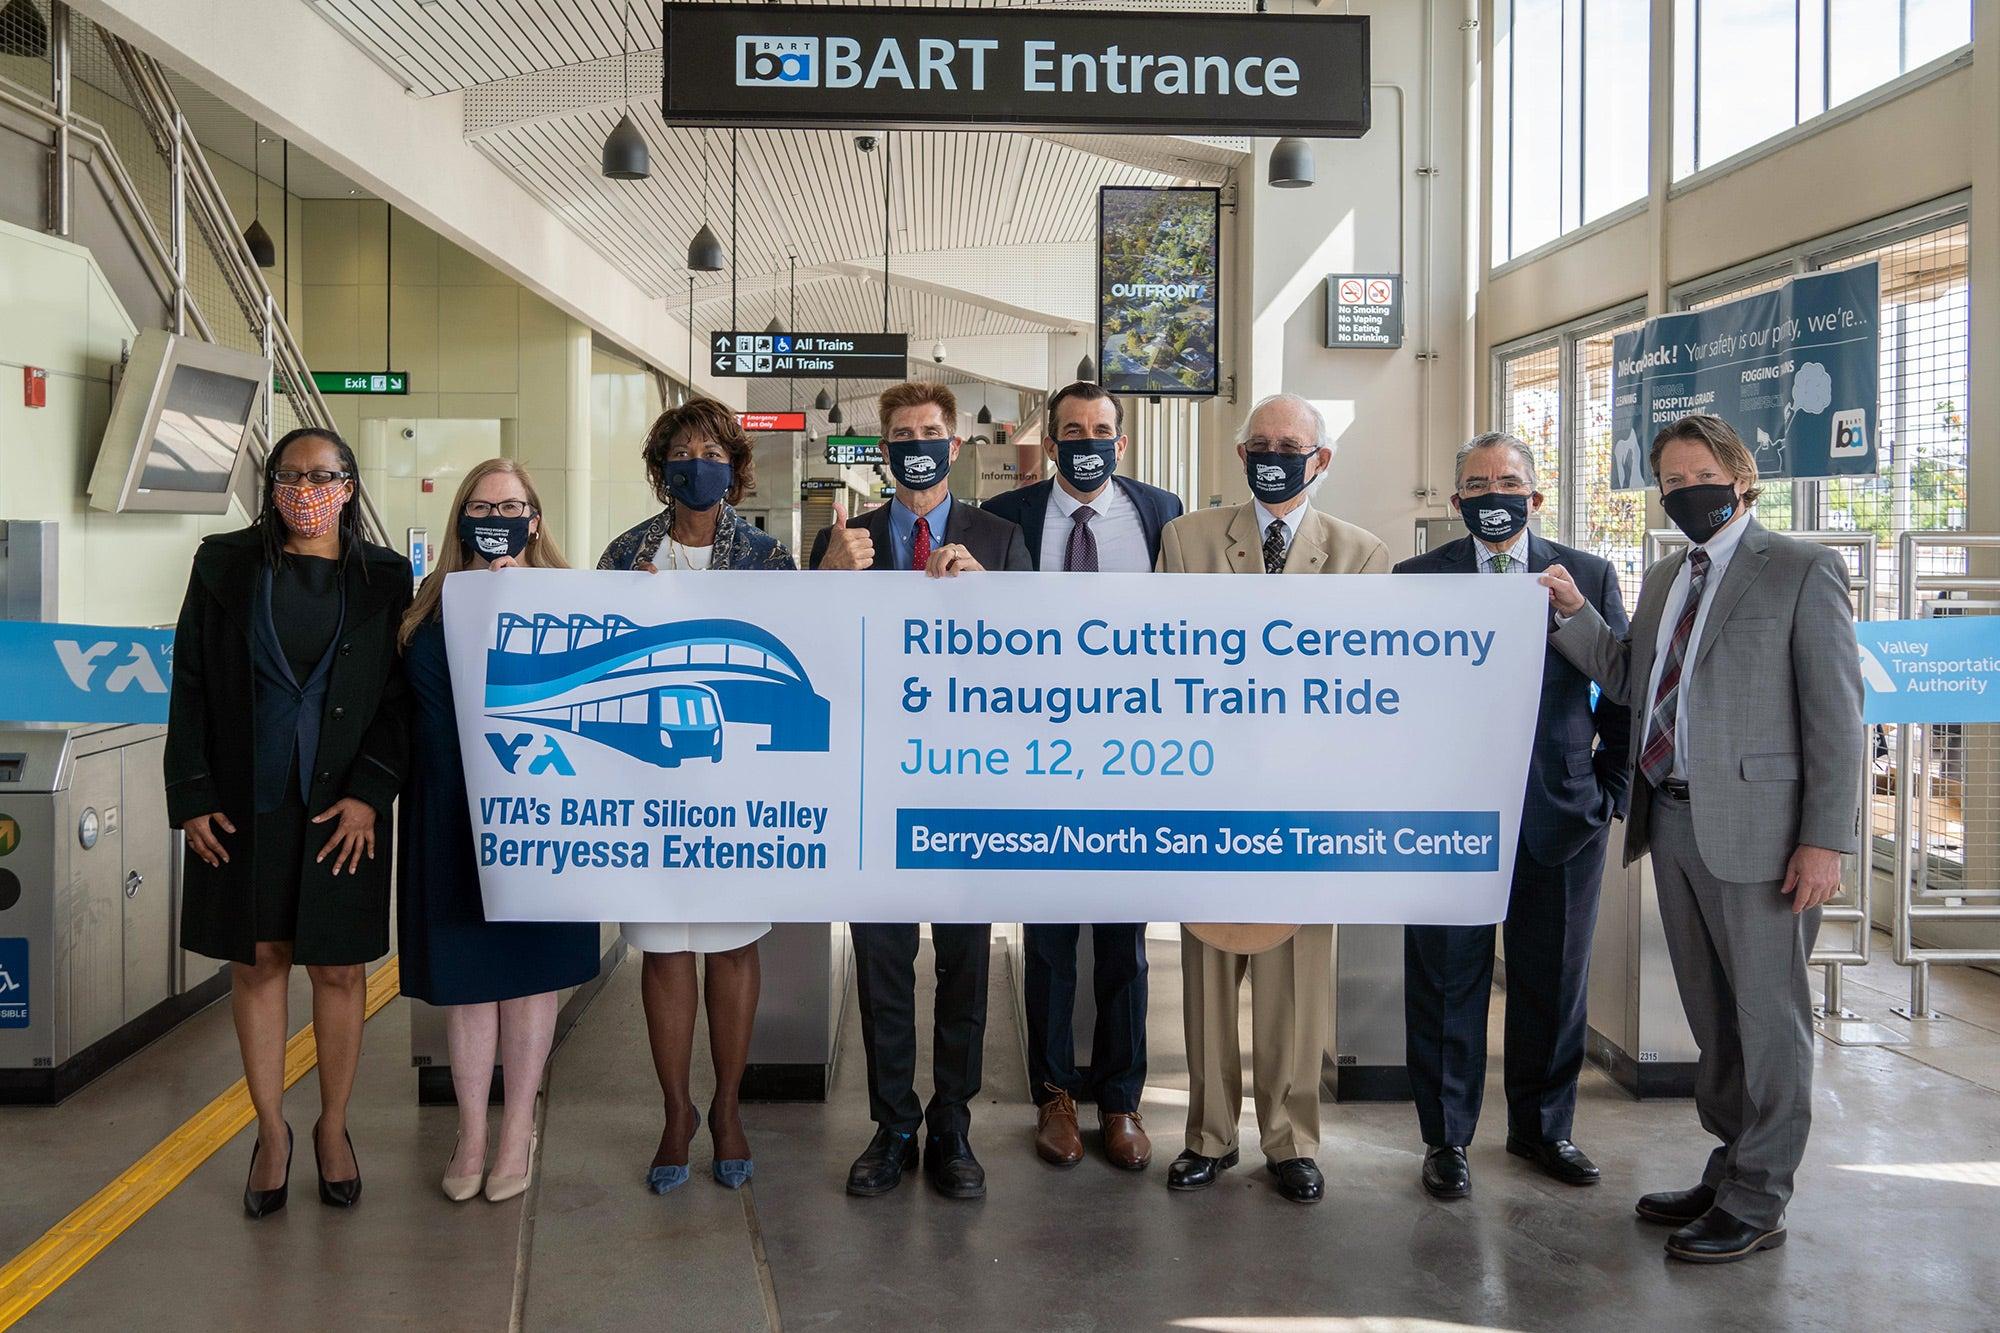 Photo: Santa Clara Valley Transportation Authority